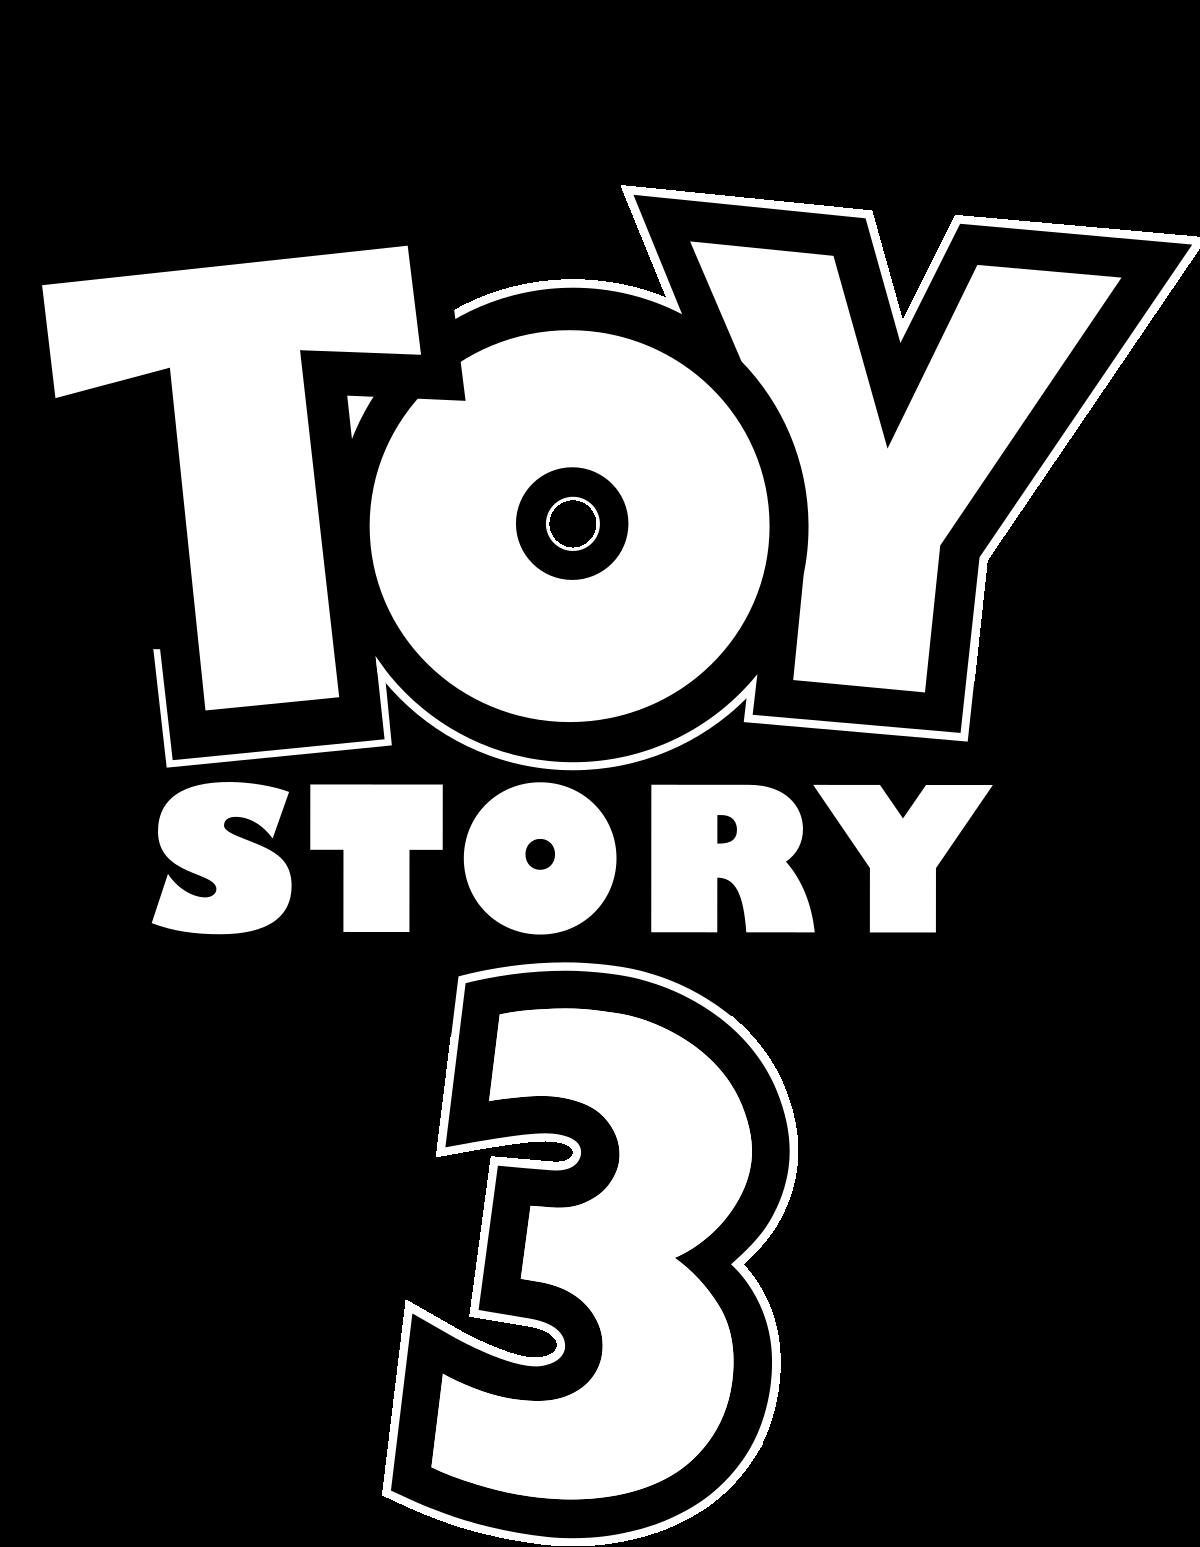 File:Toy Story 3 Logo Black.svg.